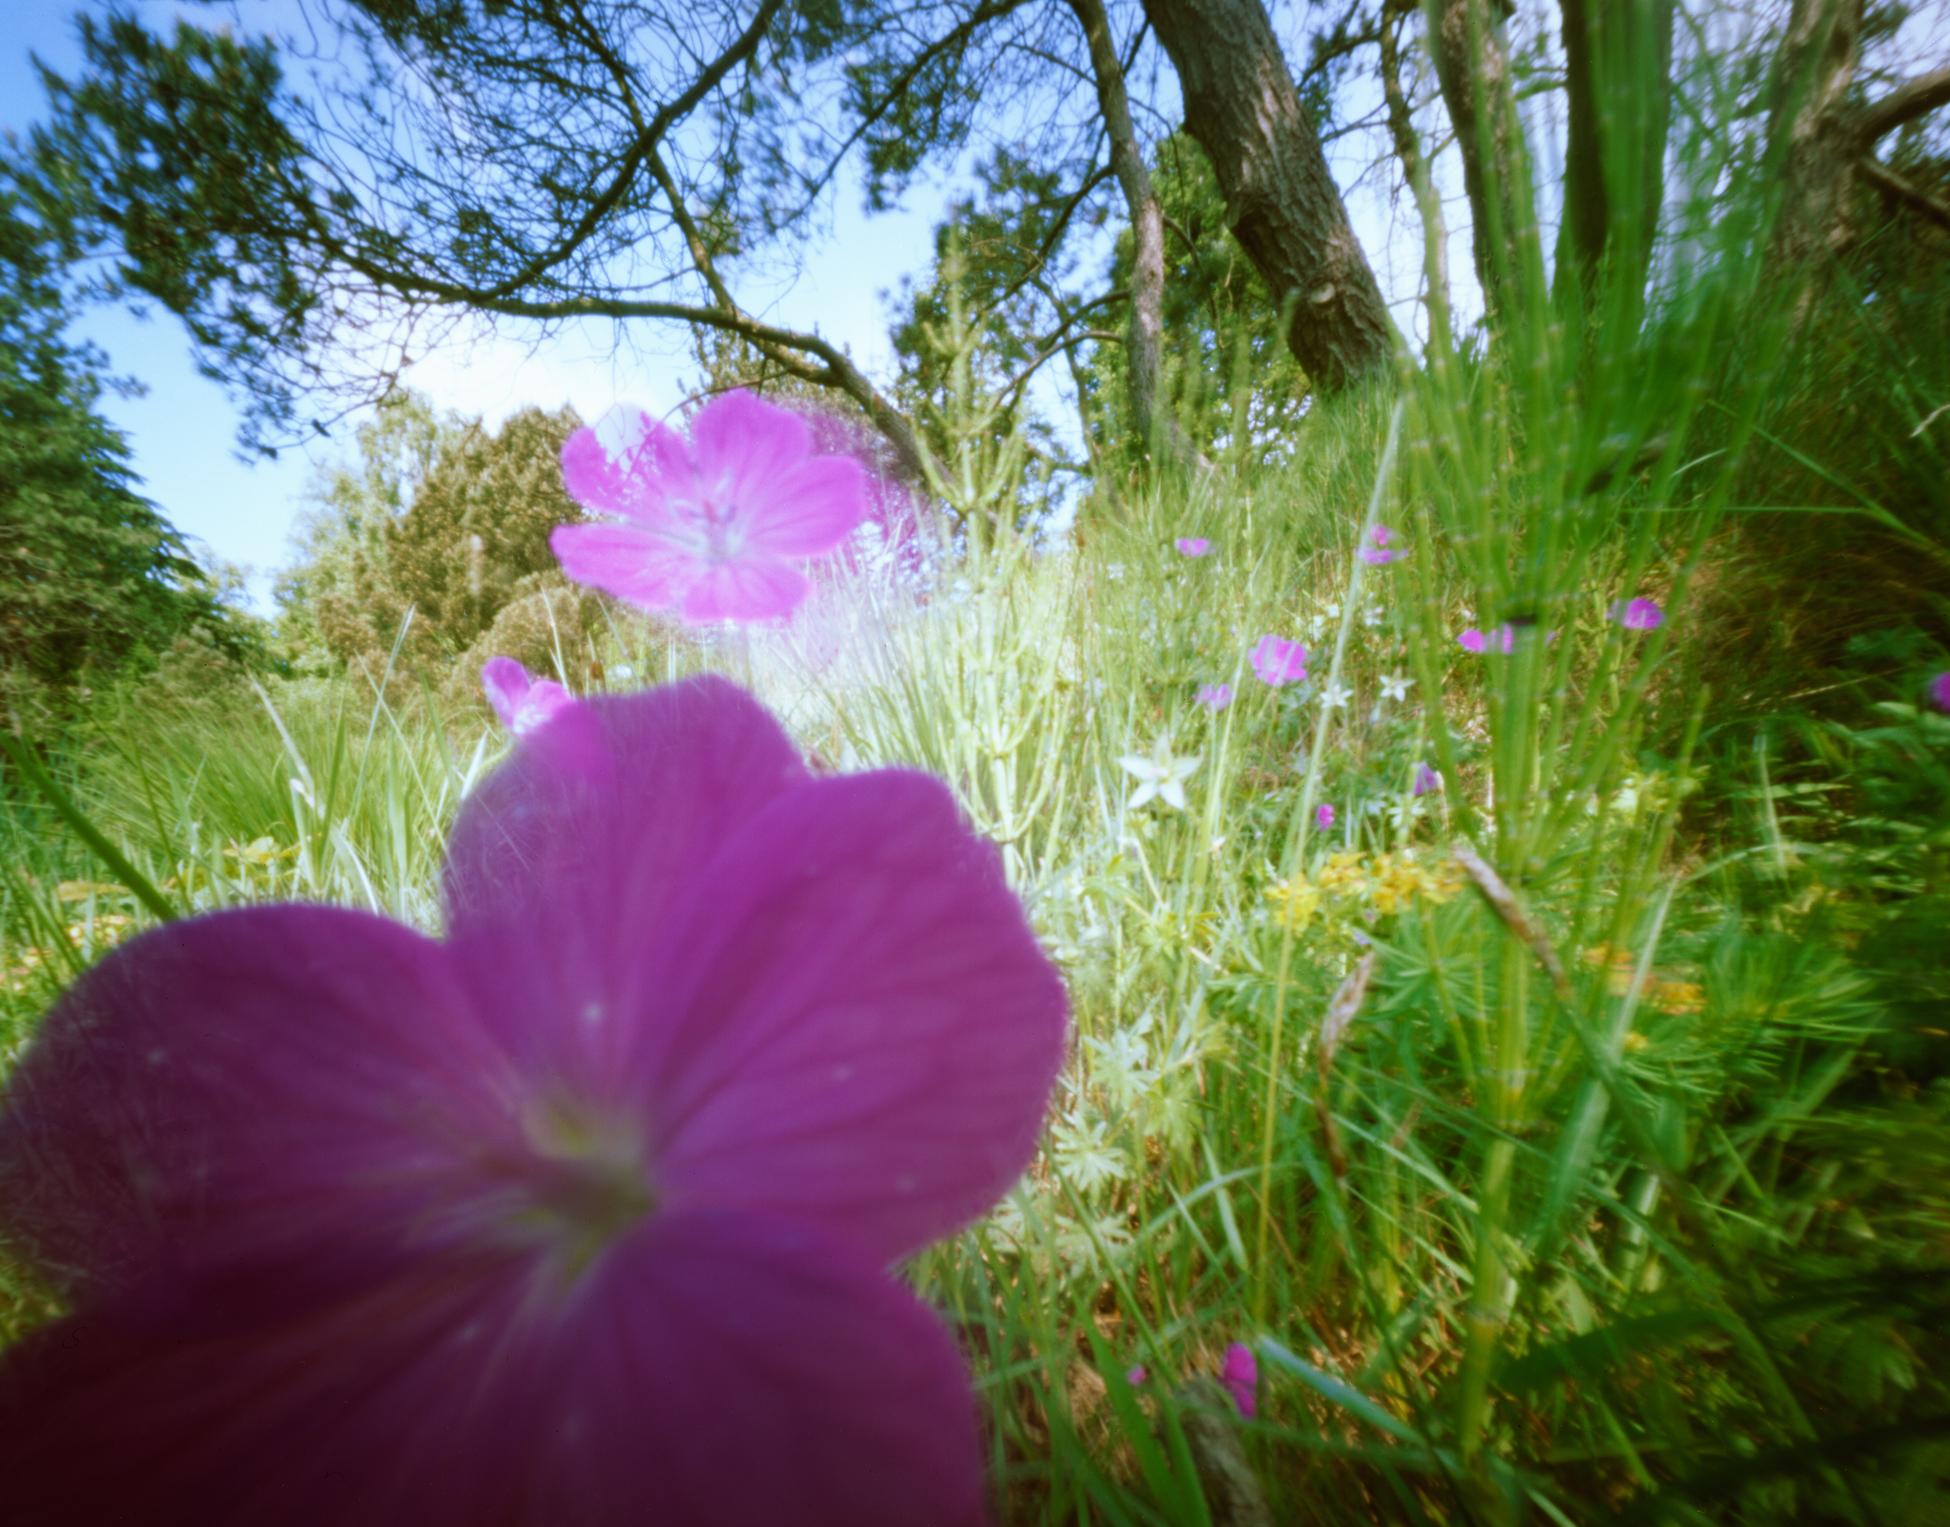 Floral Focus 1